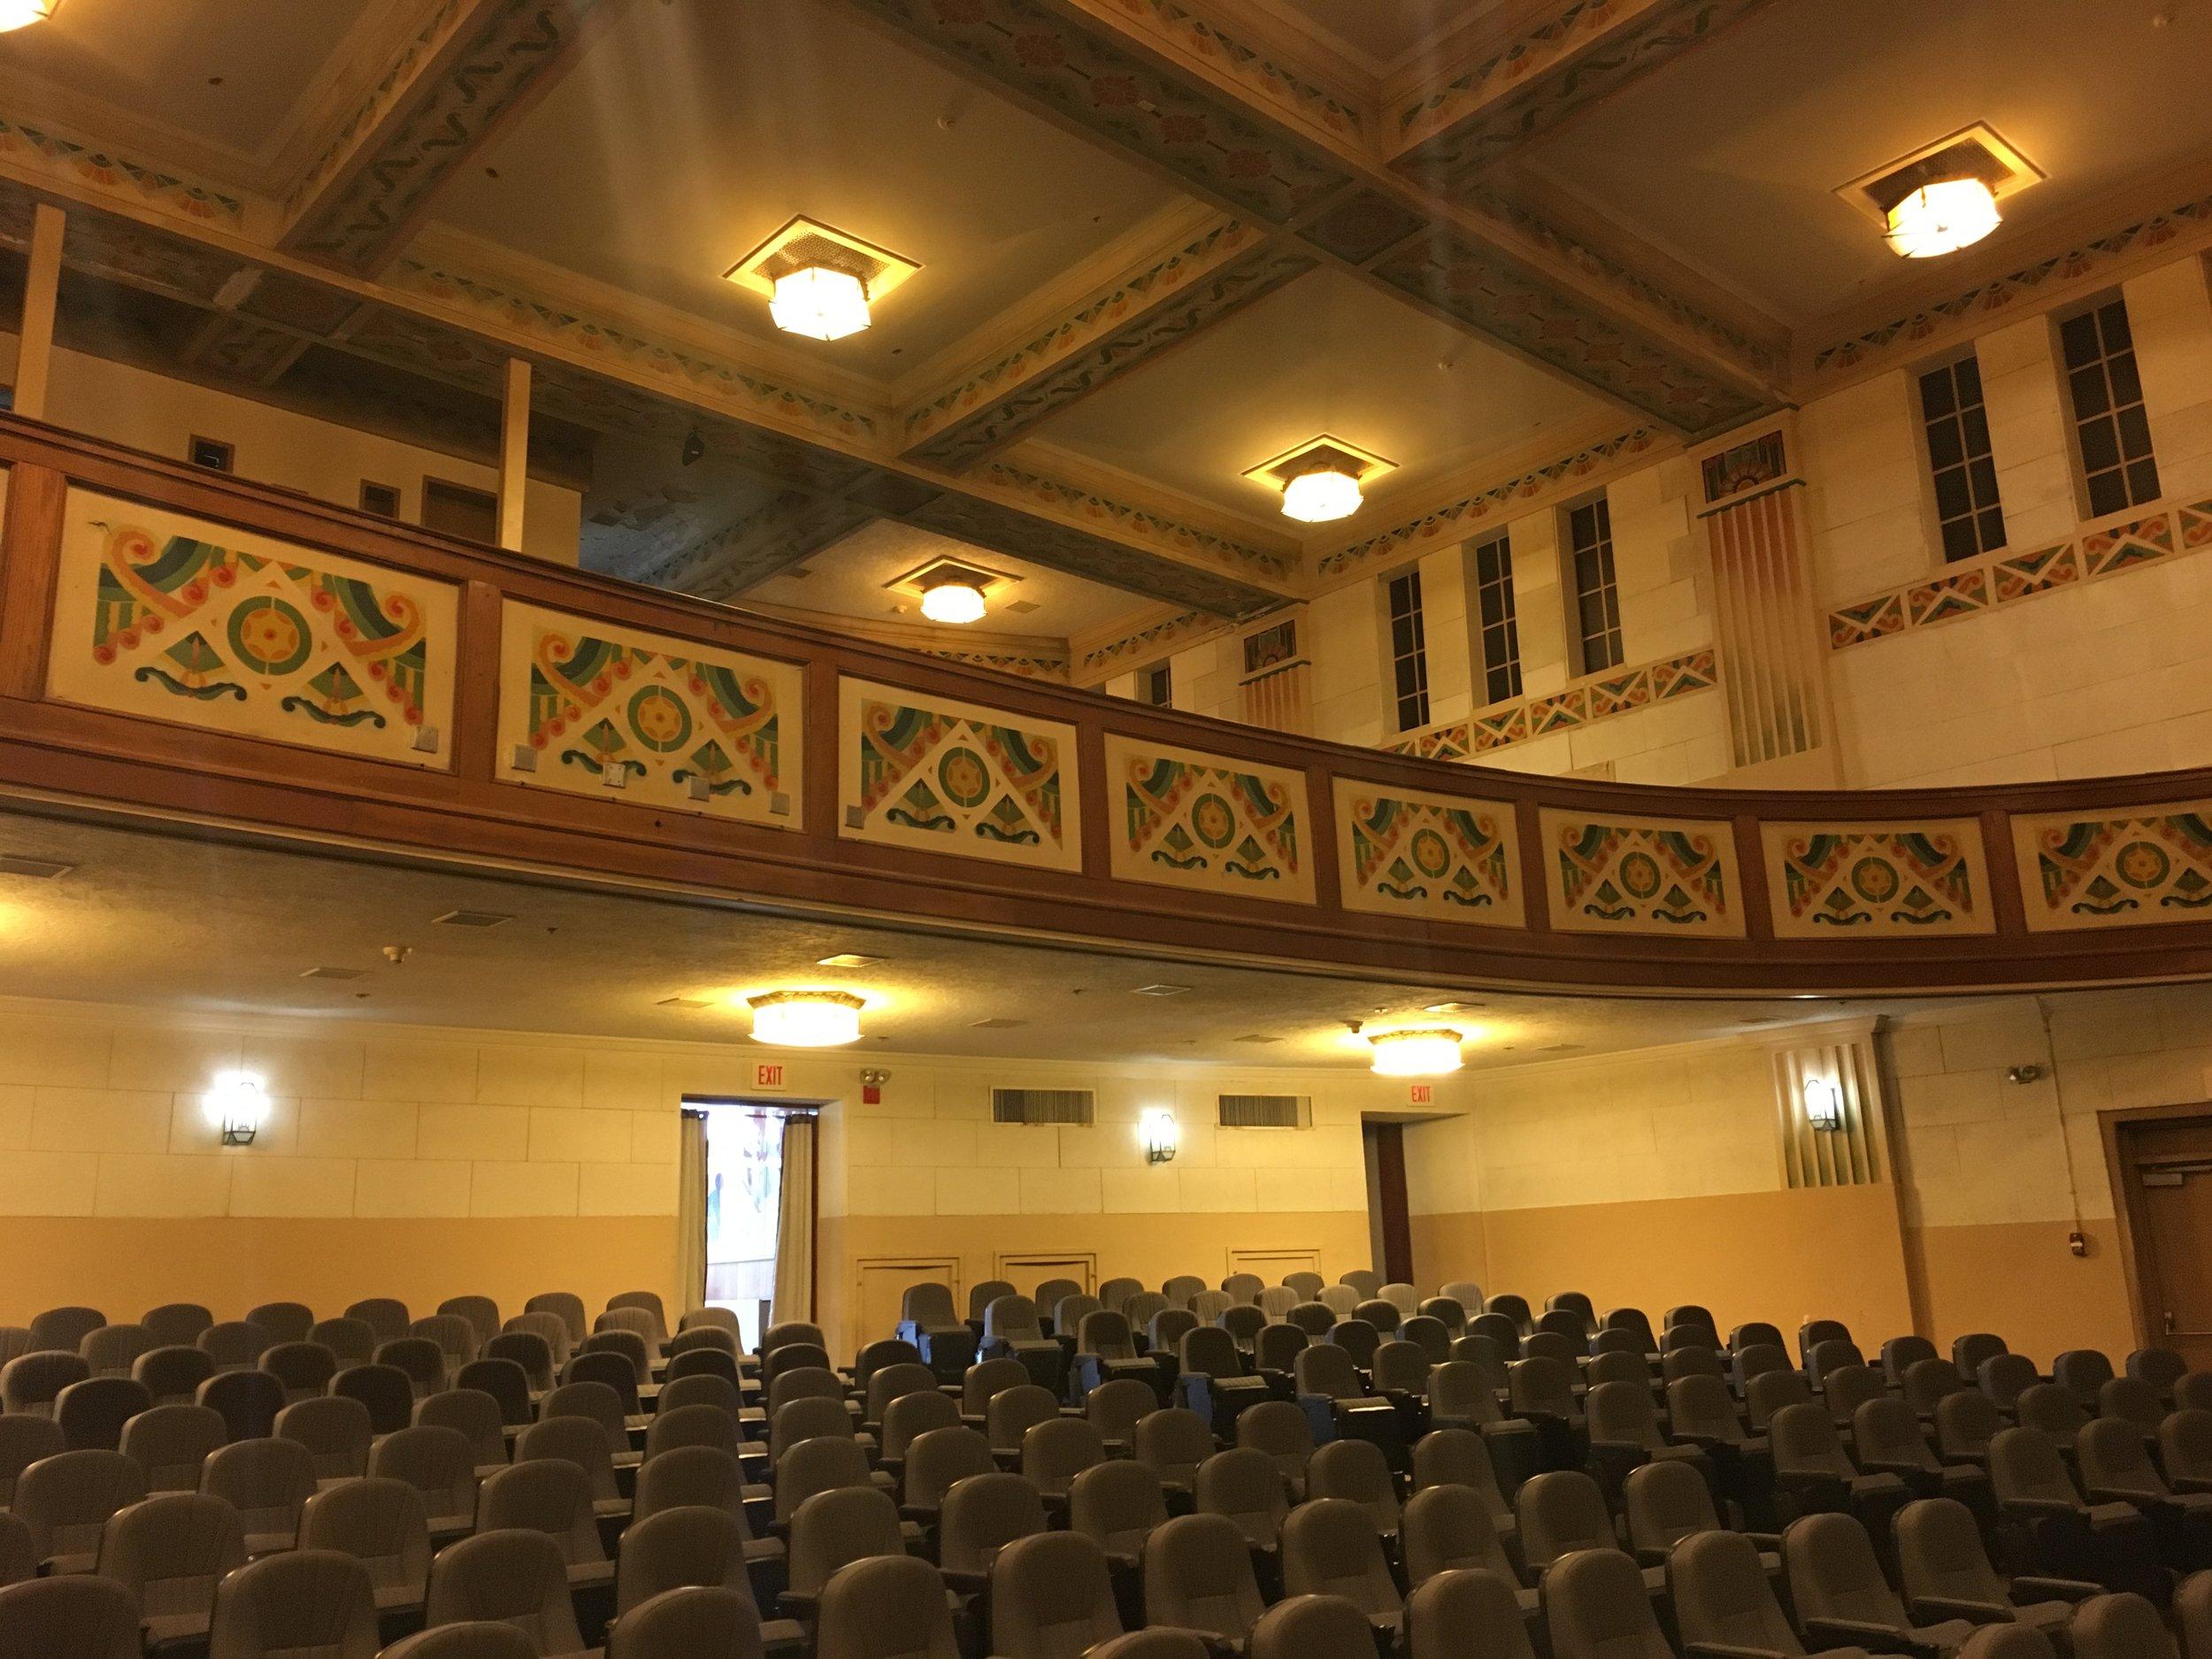 Art Deco auditorium balcony and ceiling